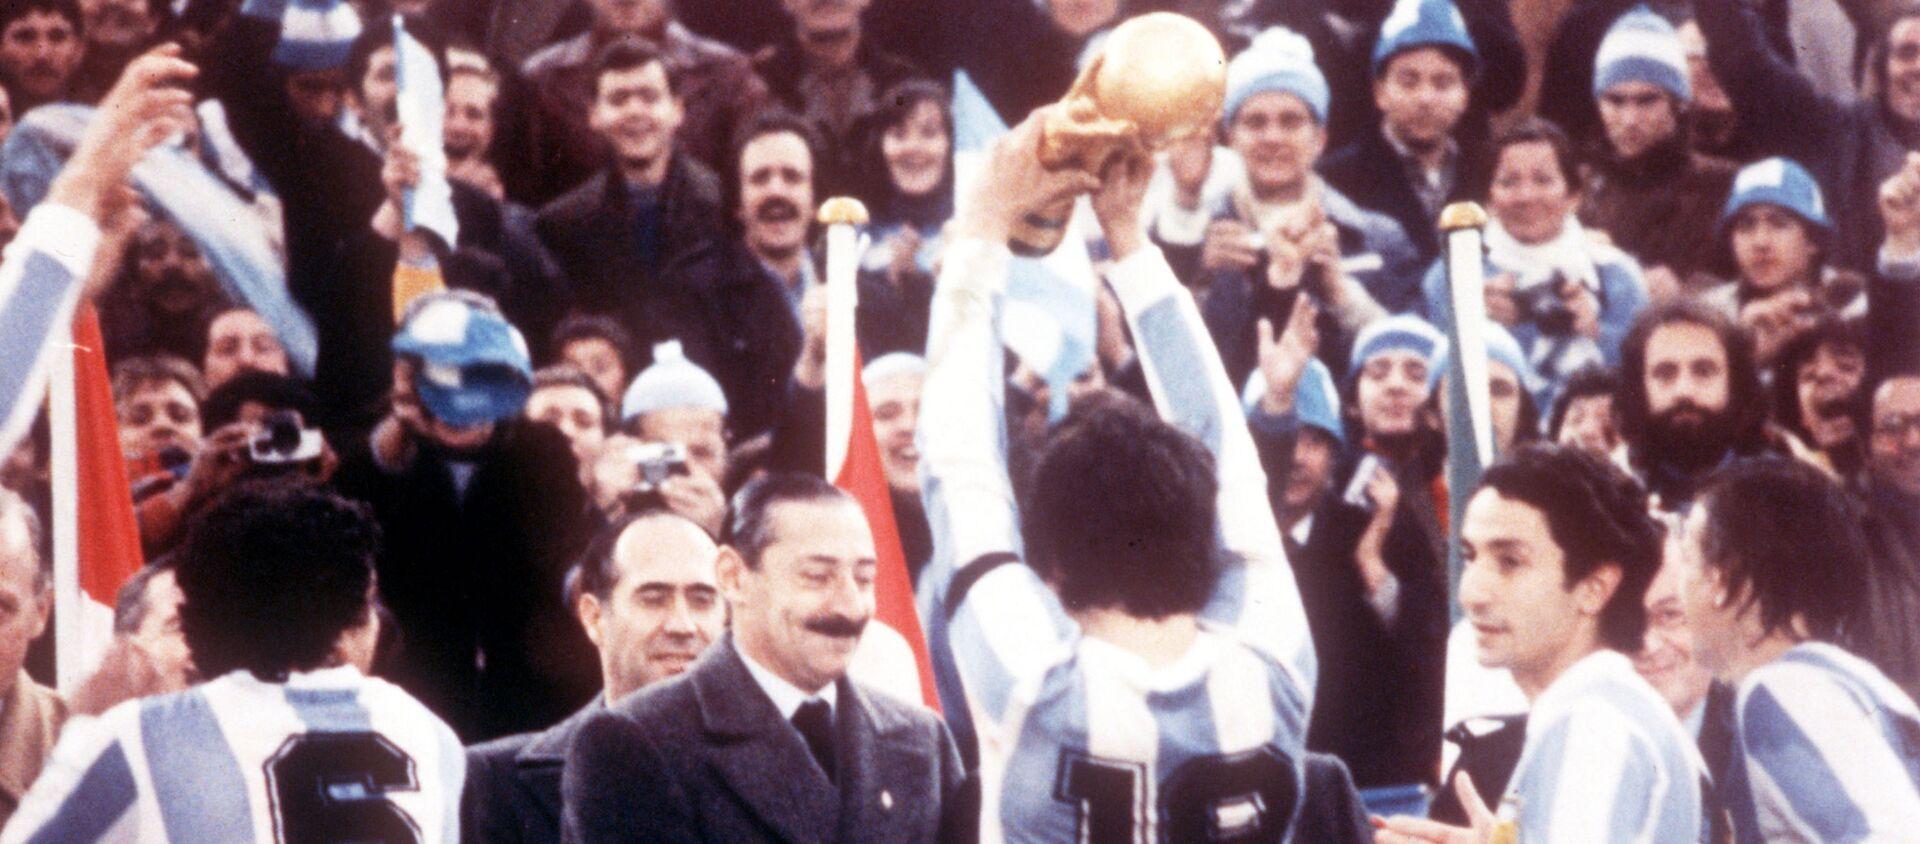 La selección argentina de fútbol celebra el campeonato mundial en 1978 frente al dictador Jorge Rafael Videla - Sputnik Mundo, 1920, 25.06.2019